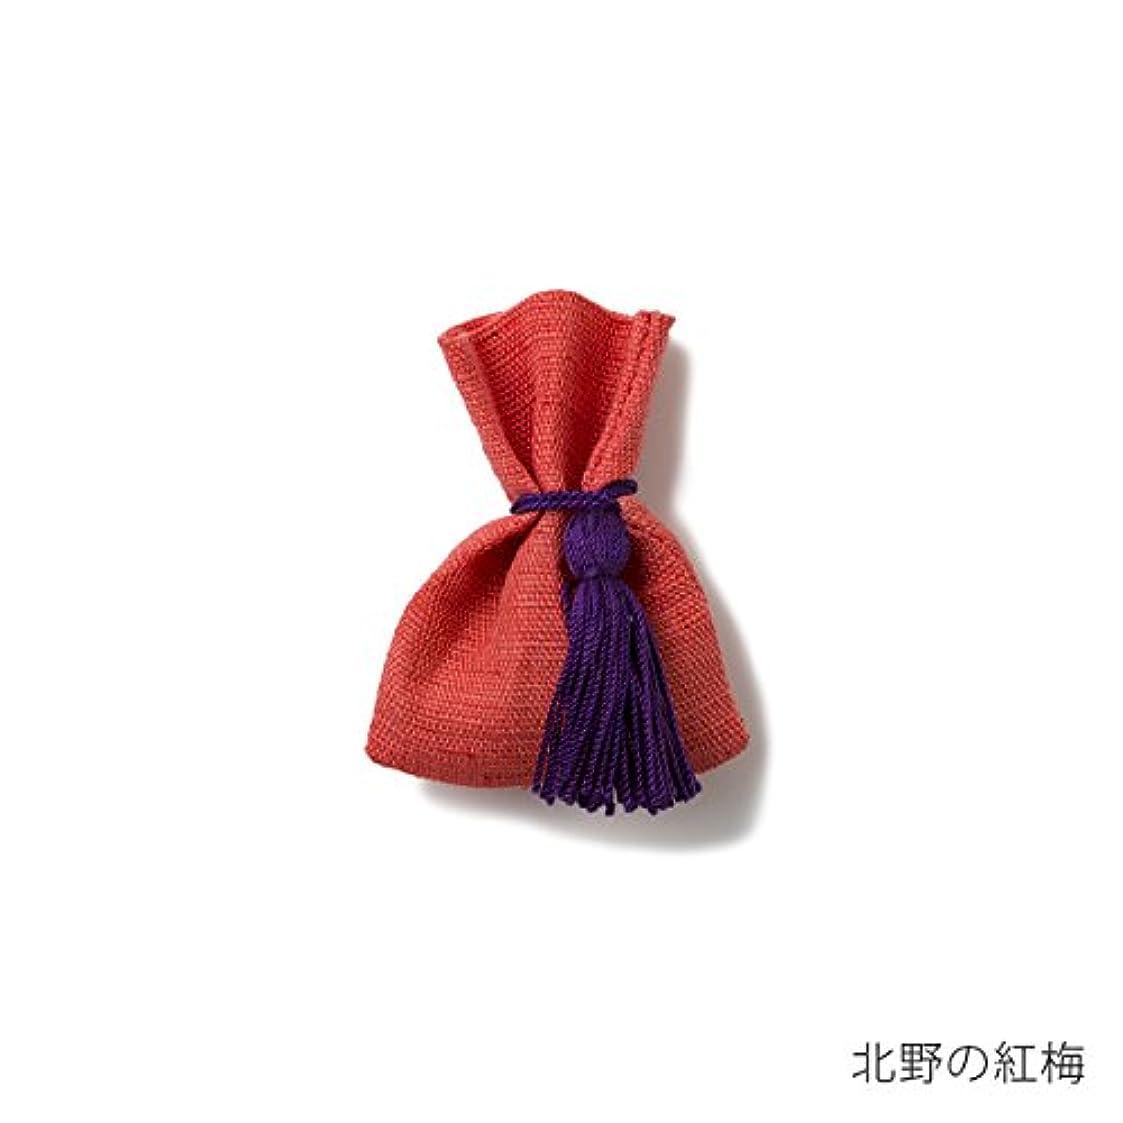 目の前のスチュアート島登場【薫玉堂】 京の香り 香袋 北野の紅梅